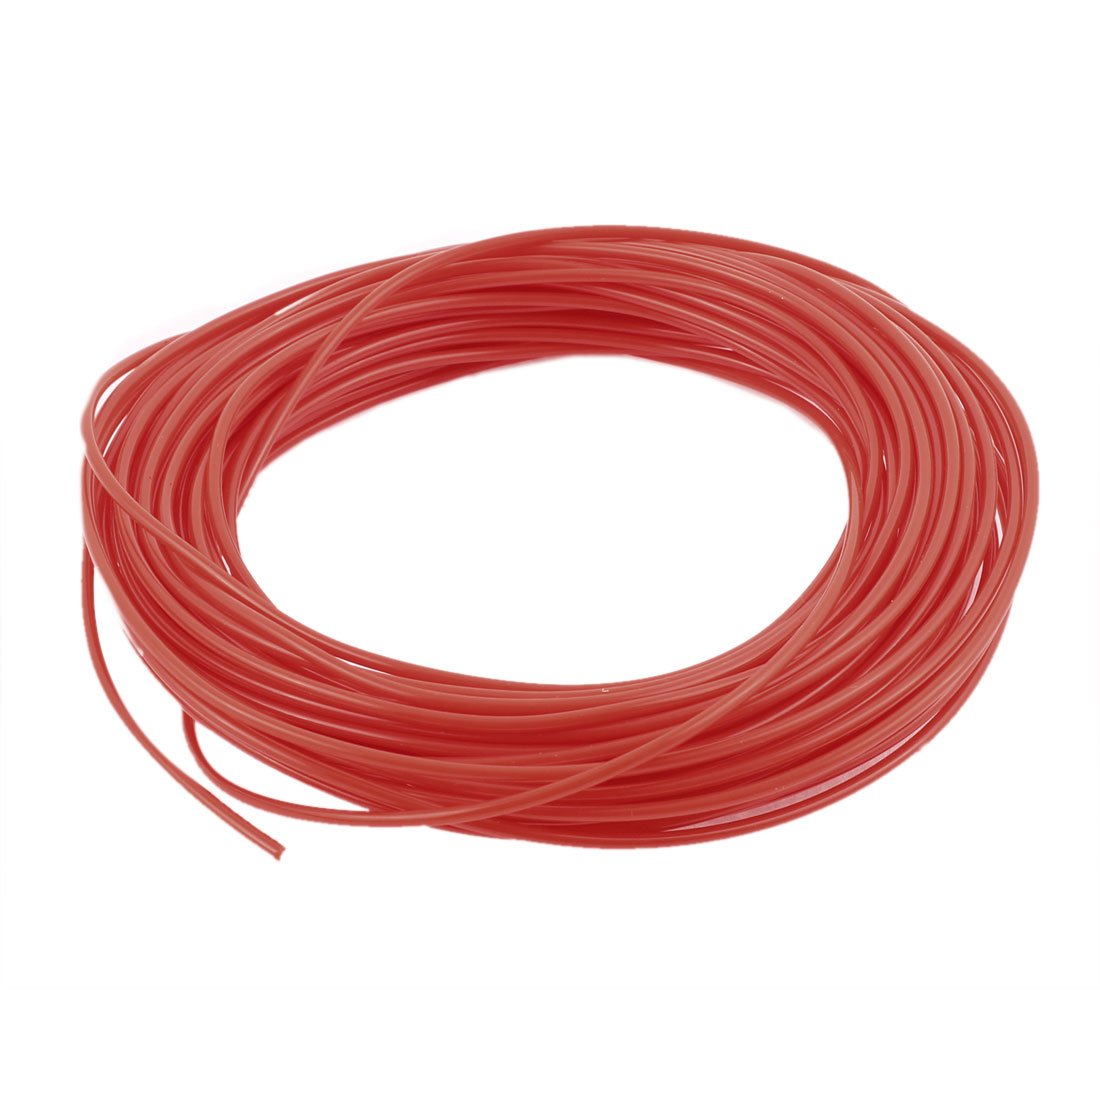 10m 3D Printer Pen Painting Filament Refills PLA Printing Material Red